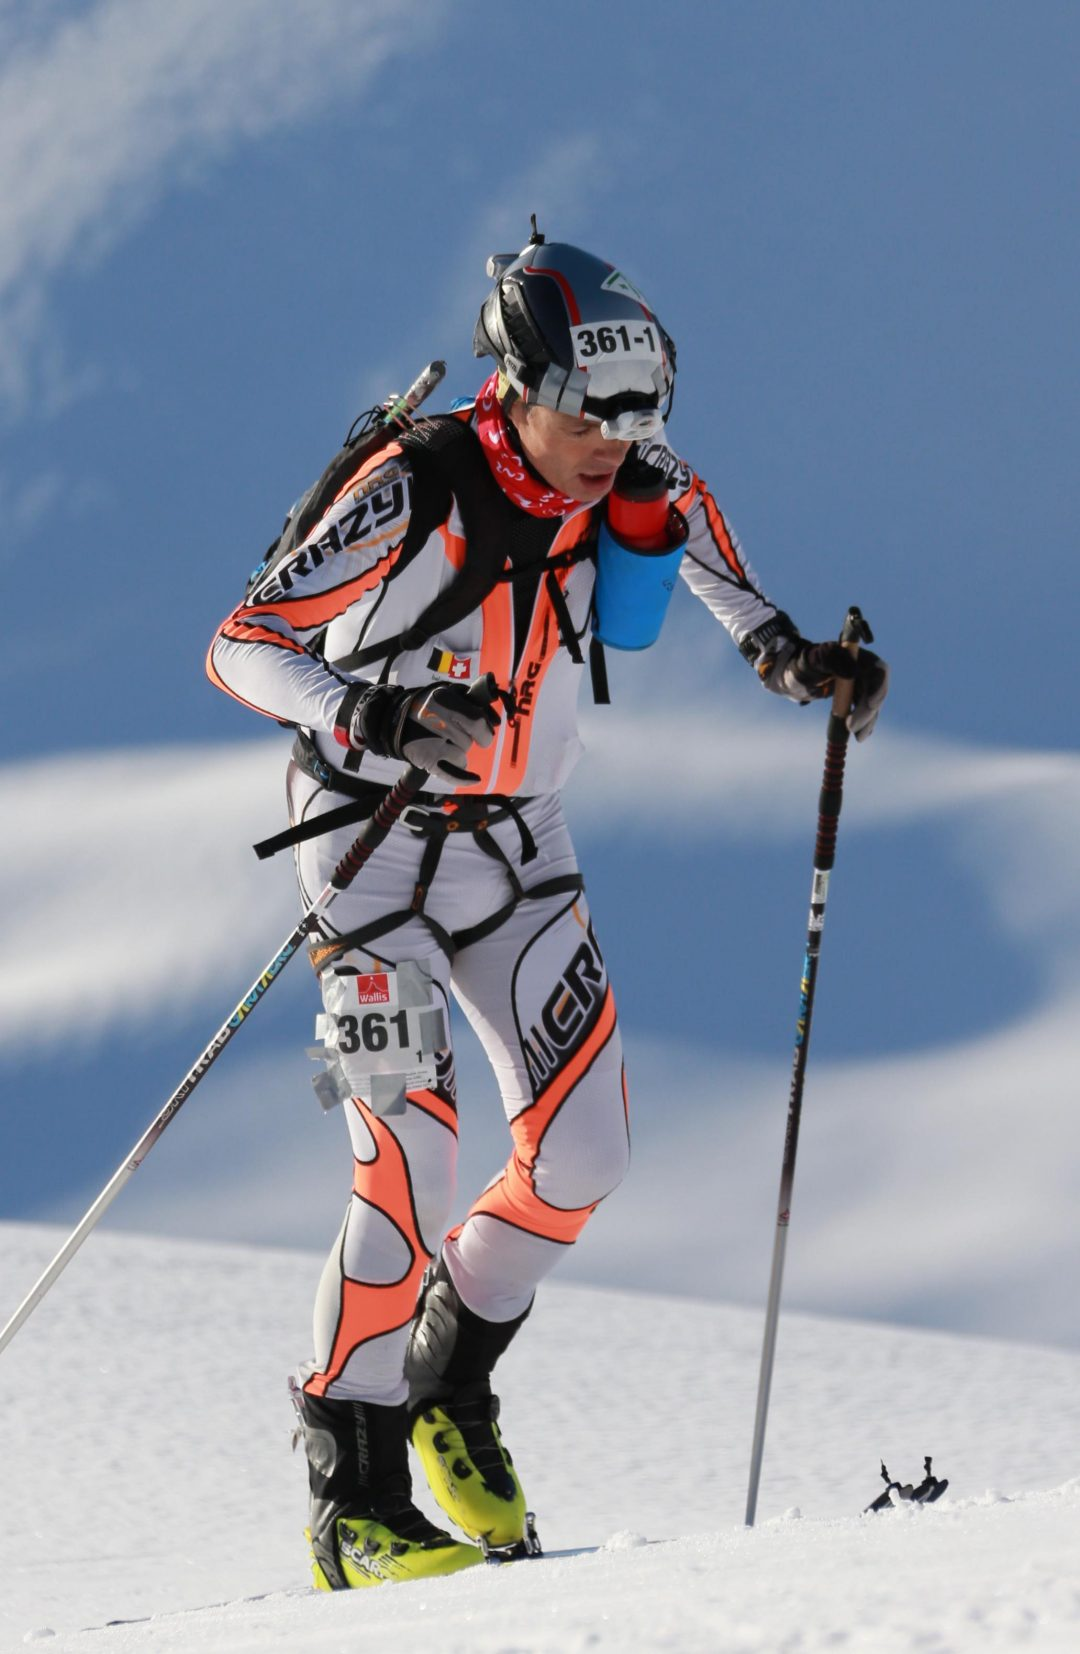 Patrouille des Glaciers : Performances sportives et gestion d'entreprise